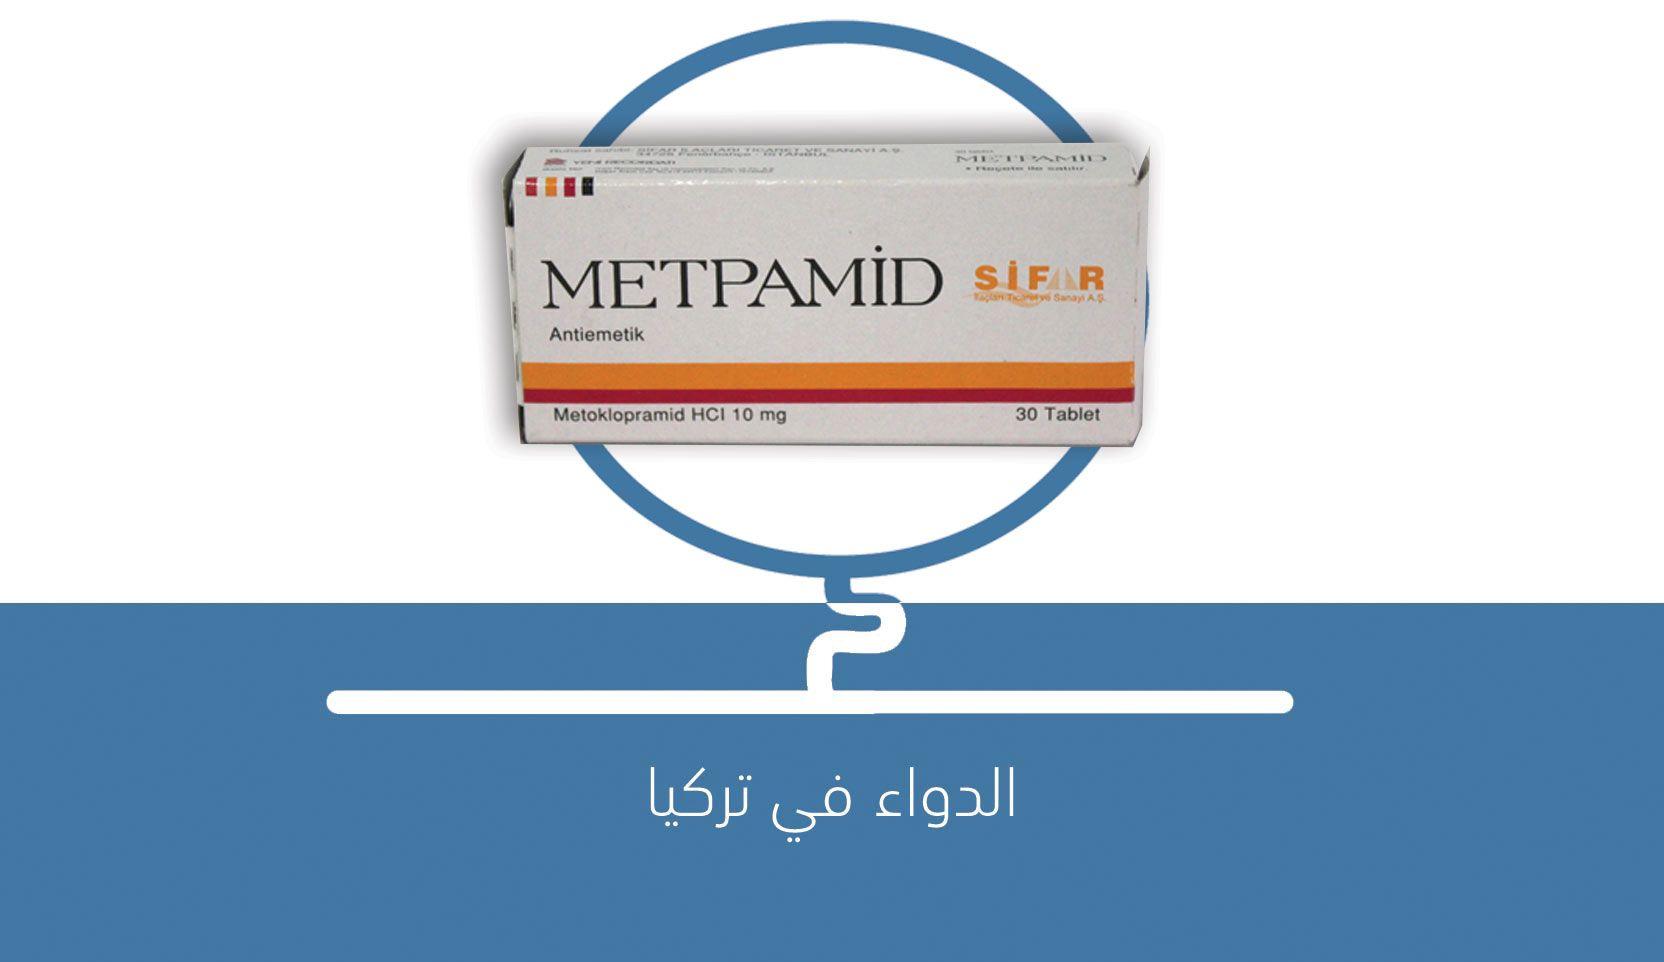 دواء ميت باميد Metpamid Tech Company Logos Company Logo Logos